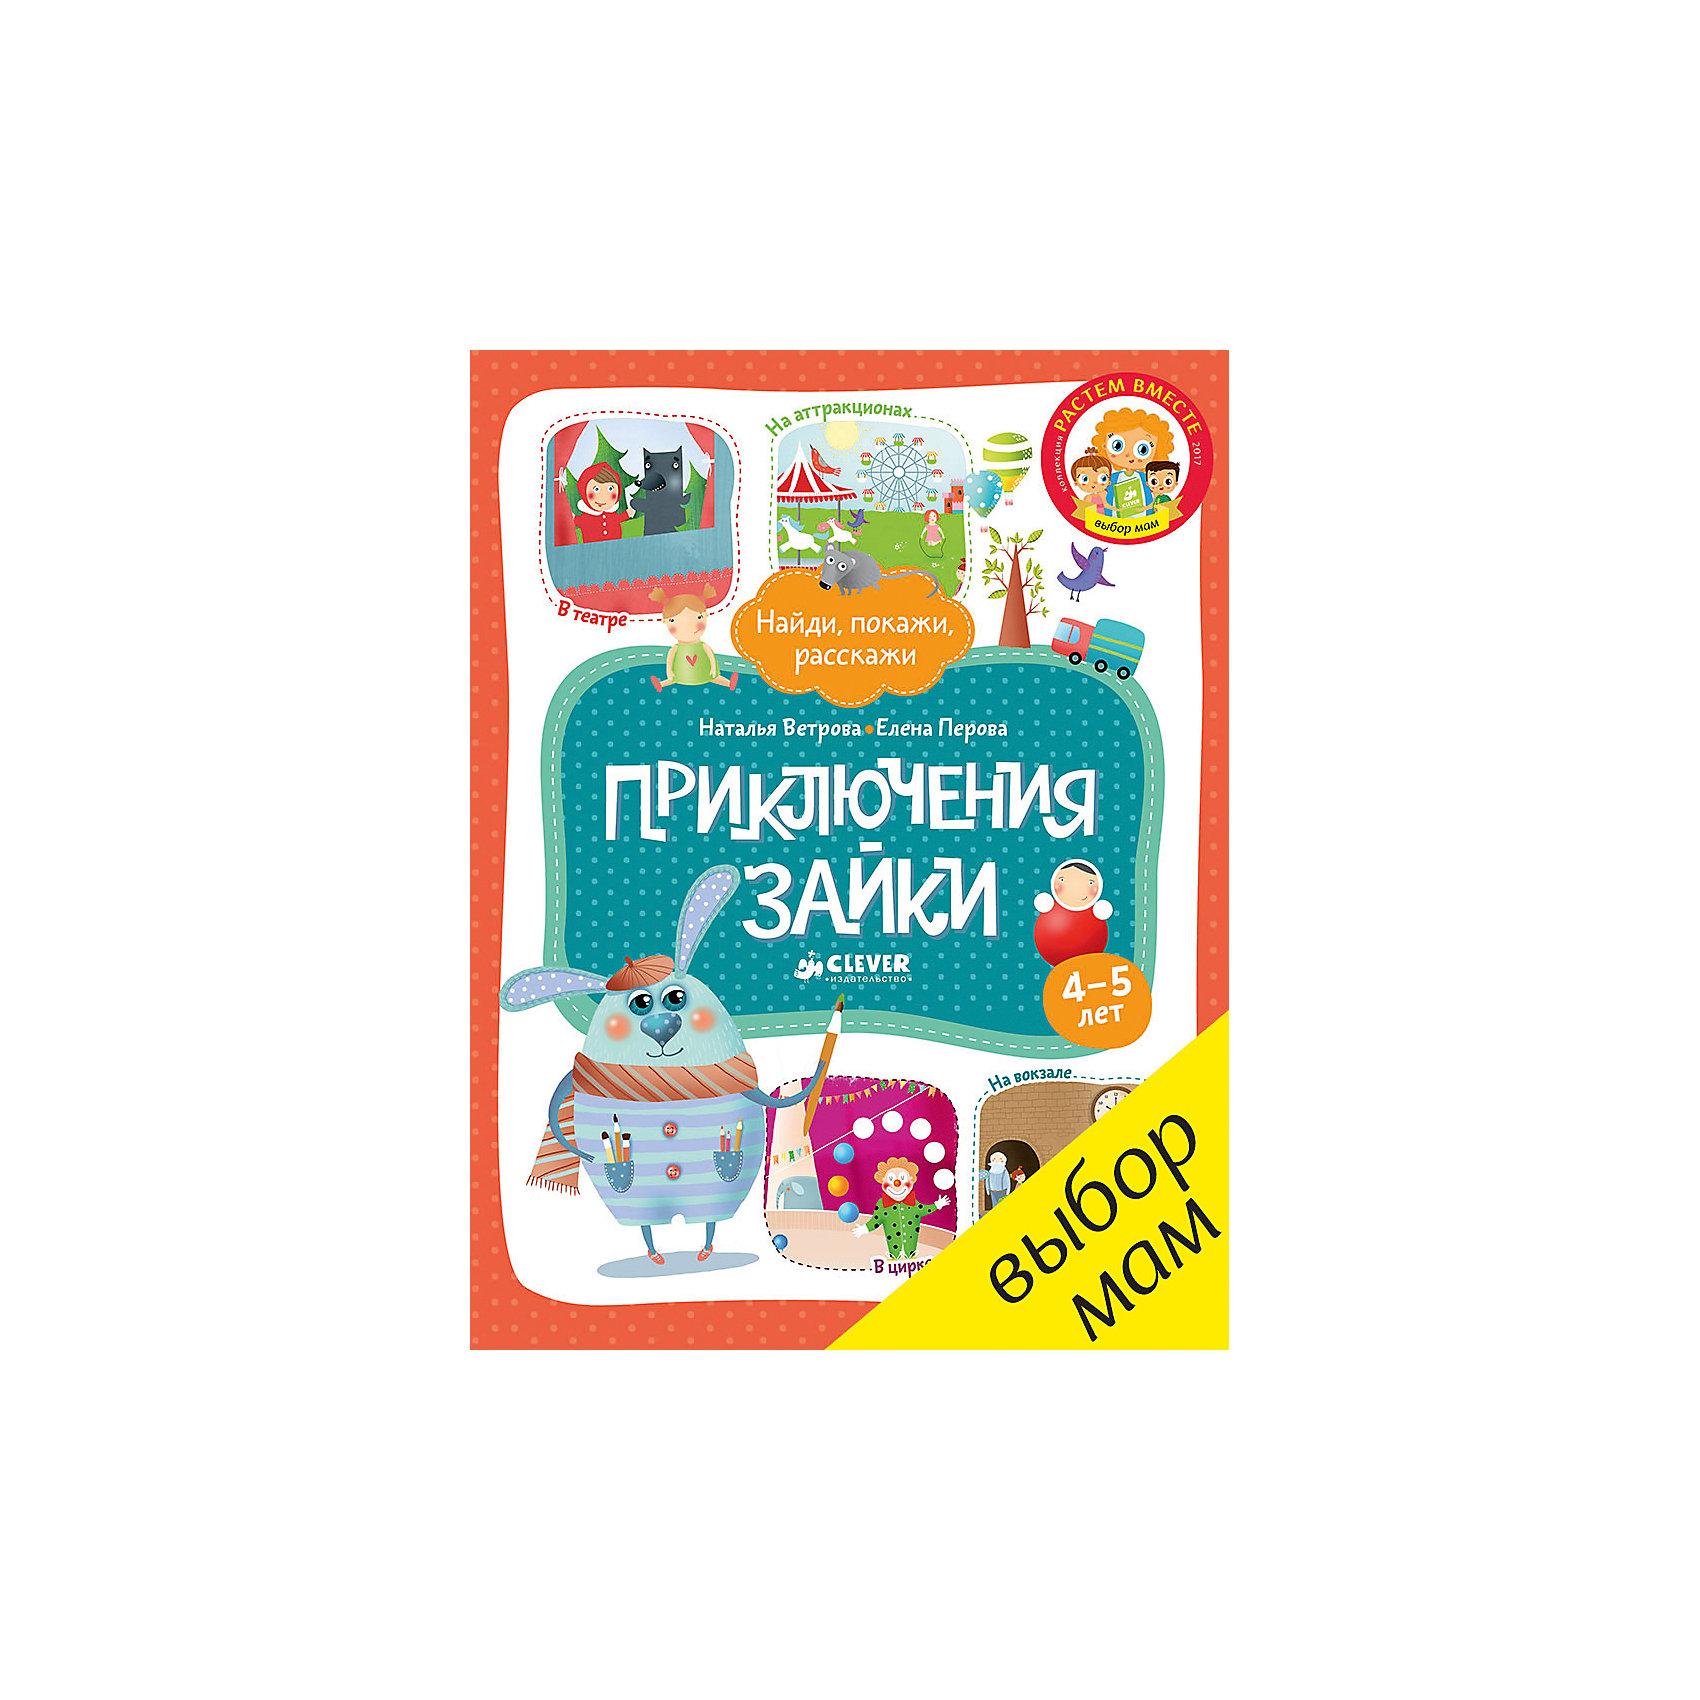 Книжка Приключения Зайки, CleverCLEVER (КЛЕВЕР)<br>Характеристики книжки Приключения Зайки, Clever<br><br>• пол: для мальчиков и девочек<br>• возраст: 4-5 лет<br>• формат: 60х90х0.8 см<br>• переплет: мягкий переплёт<br>• кол-во страниц: 60<br>• авторы: Ветрова Н., Перова Е.<br>• издательство: Clever<br>• серия: найди, покажи, расскажи<br>• страна обладатель бренда: Россия<br><br>Книга Приключения Зайки издательства Clever представляет собой сборник увлекательных заданий, выполнение которых всесторонне разовьет ребенка. Справиться с задачками сможет ребенок 4-5 лет, что поможет малышу освоить счет и числа, познакомиться с цветами и формами, узнать, какой существует транспорт и запомнить буквы русского алфавита.<br><br>Книжку Приключения Зайки издательства Clever  можно купить в нашем интернет-магазине.<br><br>Ширина мм: 290<br>Глубина мм: 220<br>Высота мм: 8<br>Вес г: 286<br>Возраст от месяцев: 48<br>Возраст до месяцев: 72<br>Пол: Унисекс<br>Возраст: Детский<br>SKU: 5440231